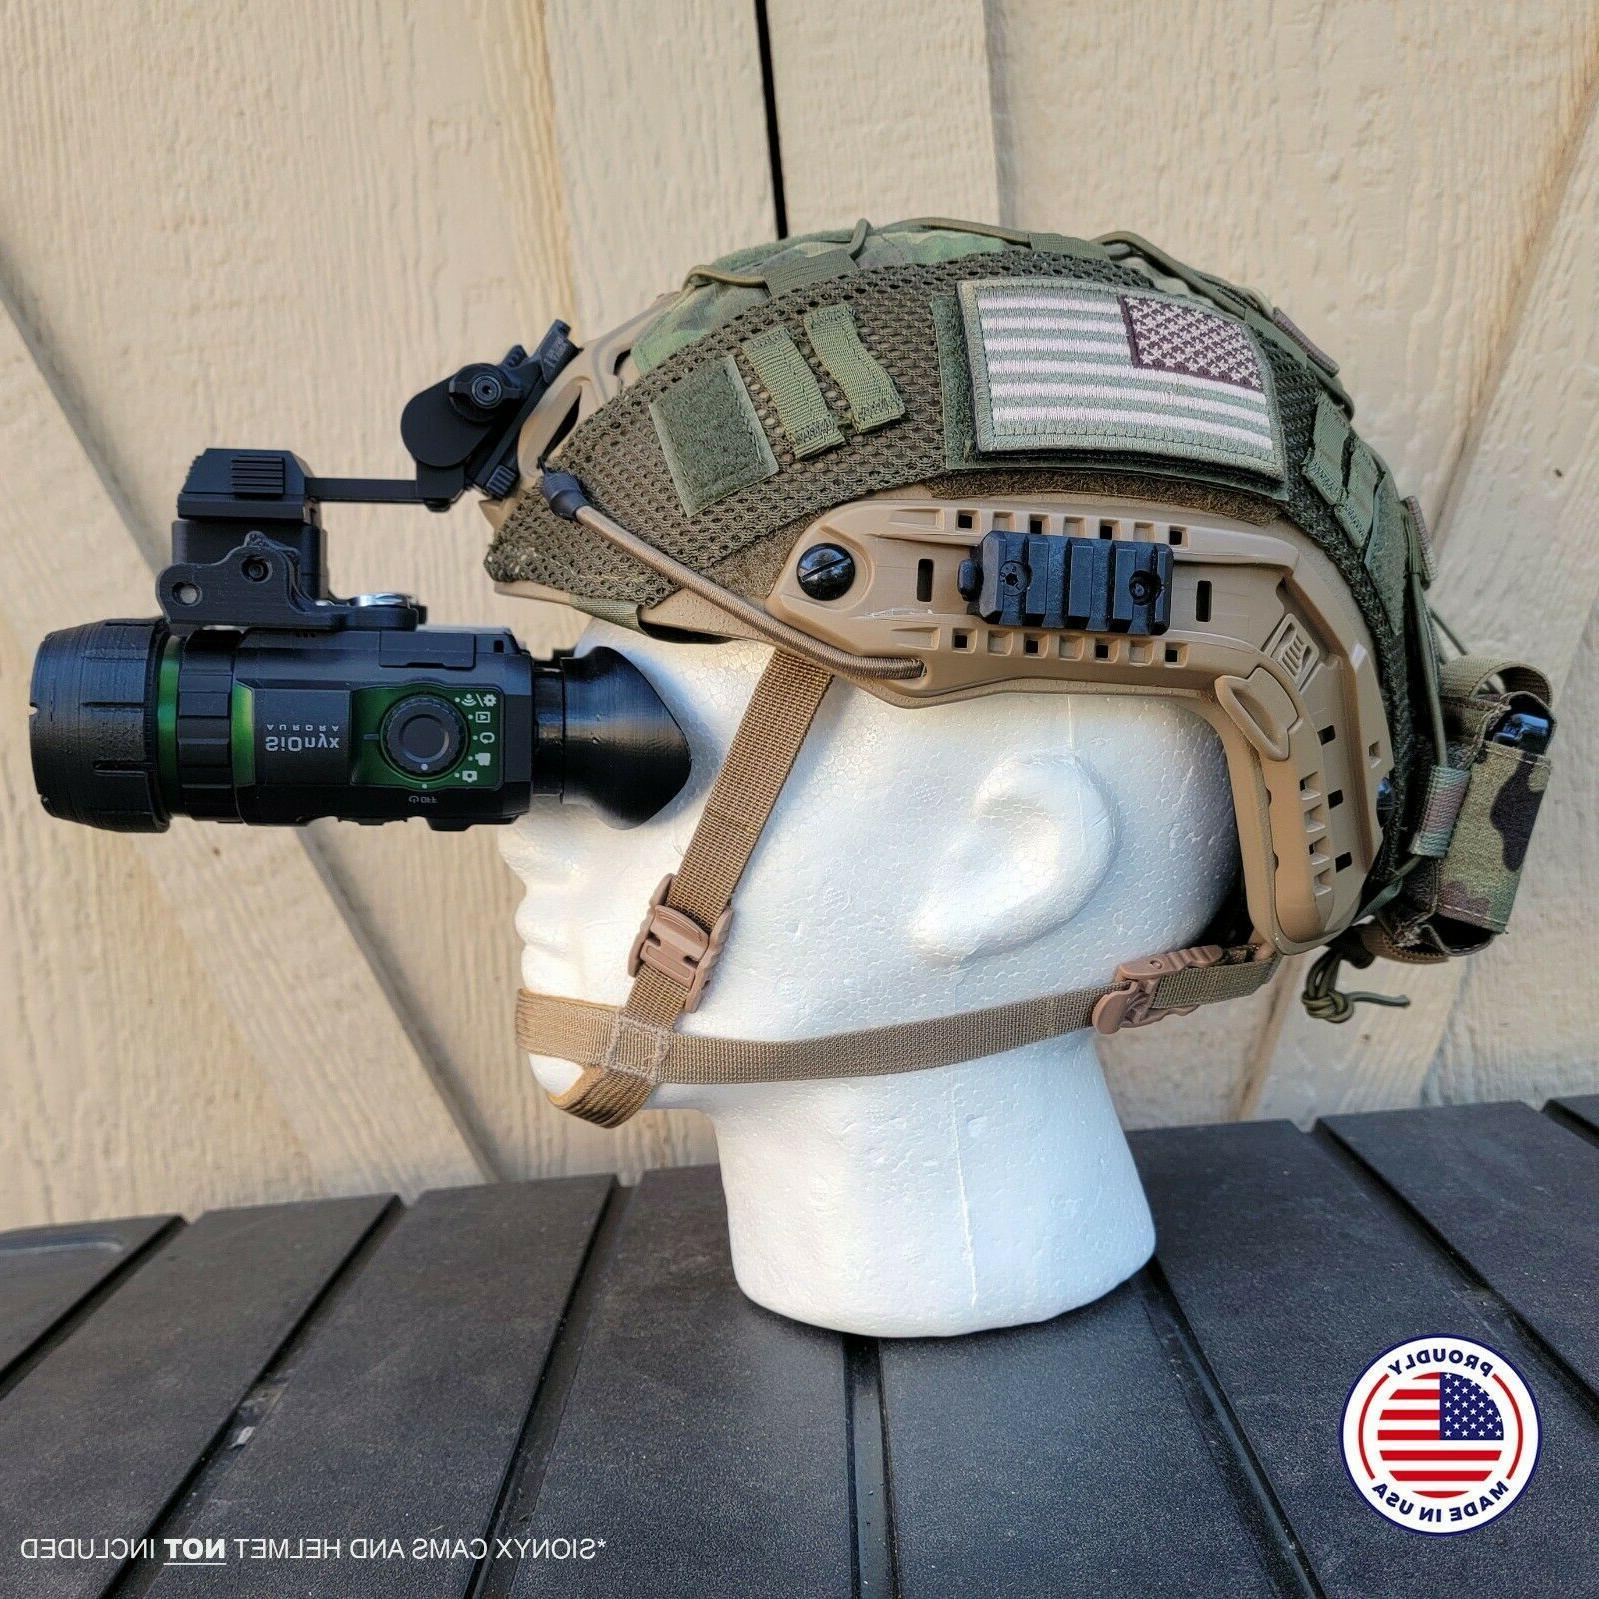 Nightwatch Sionyx Aurora Binocular Bridge Helmet